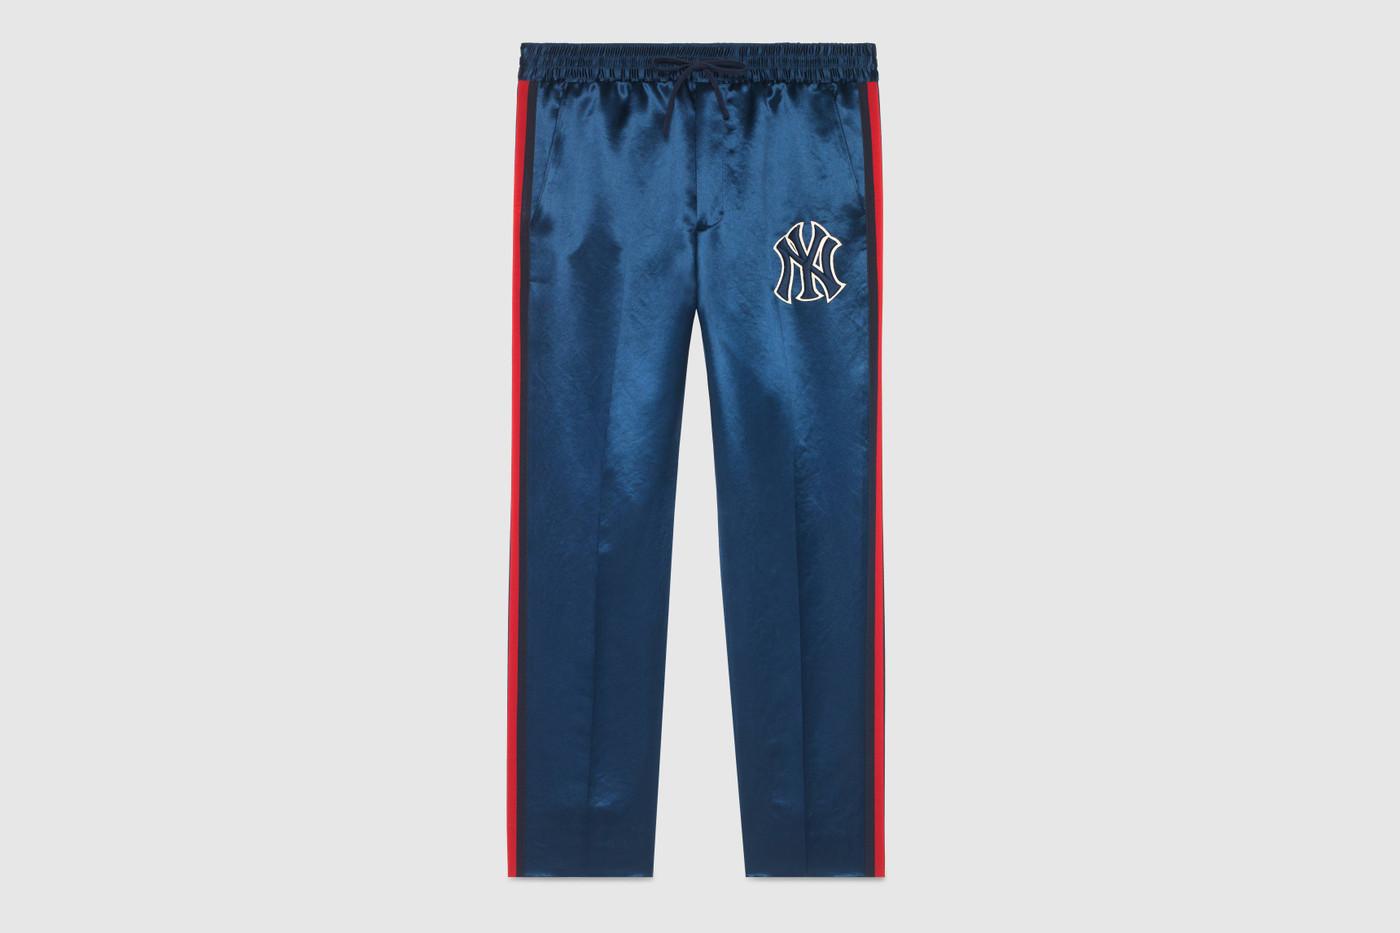 yankees-gucci-apparel-8